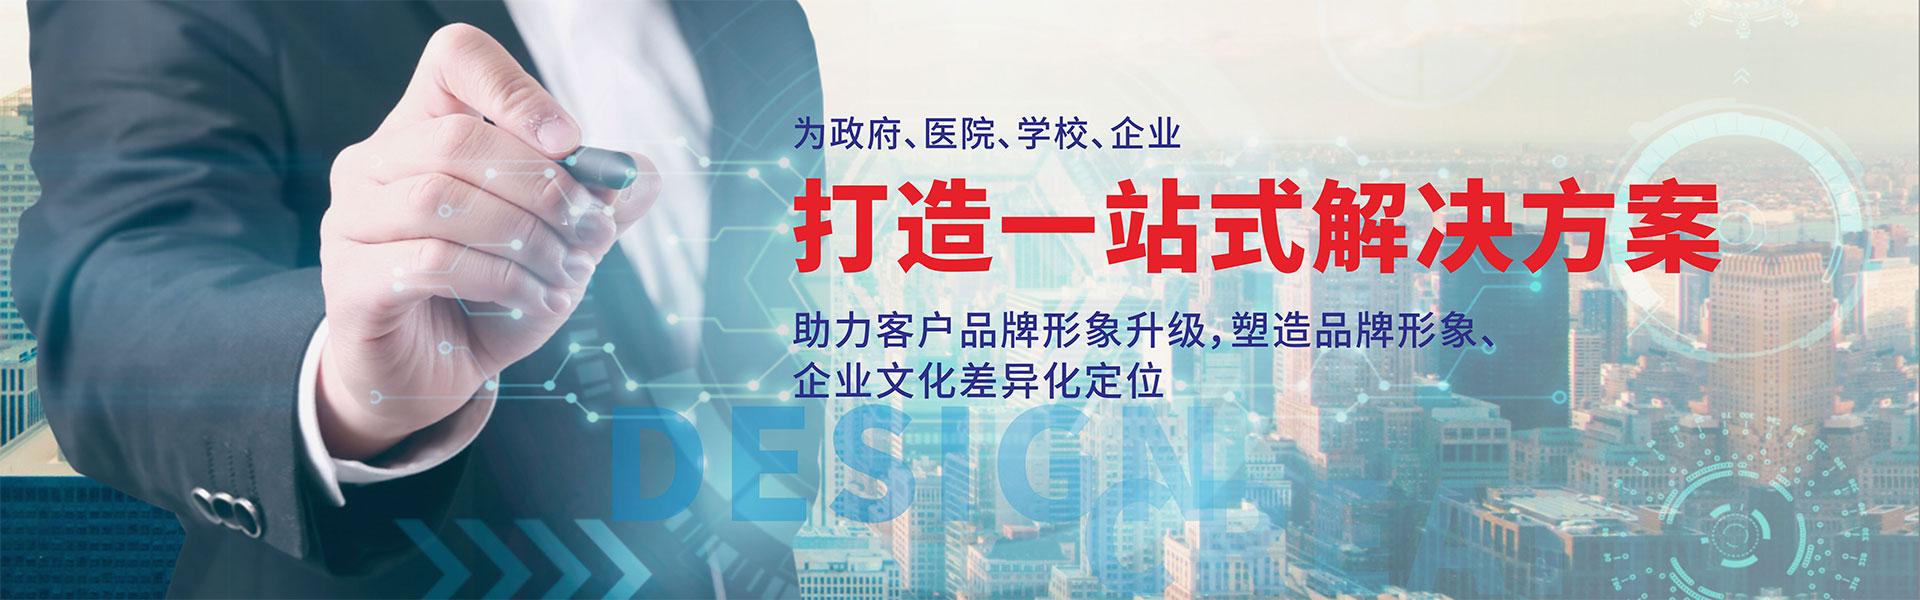 深圳企業文化(hua)牆設計制(zhi)作